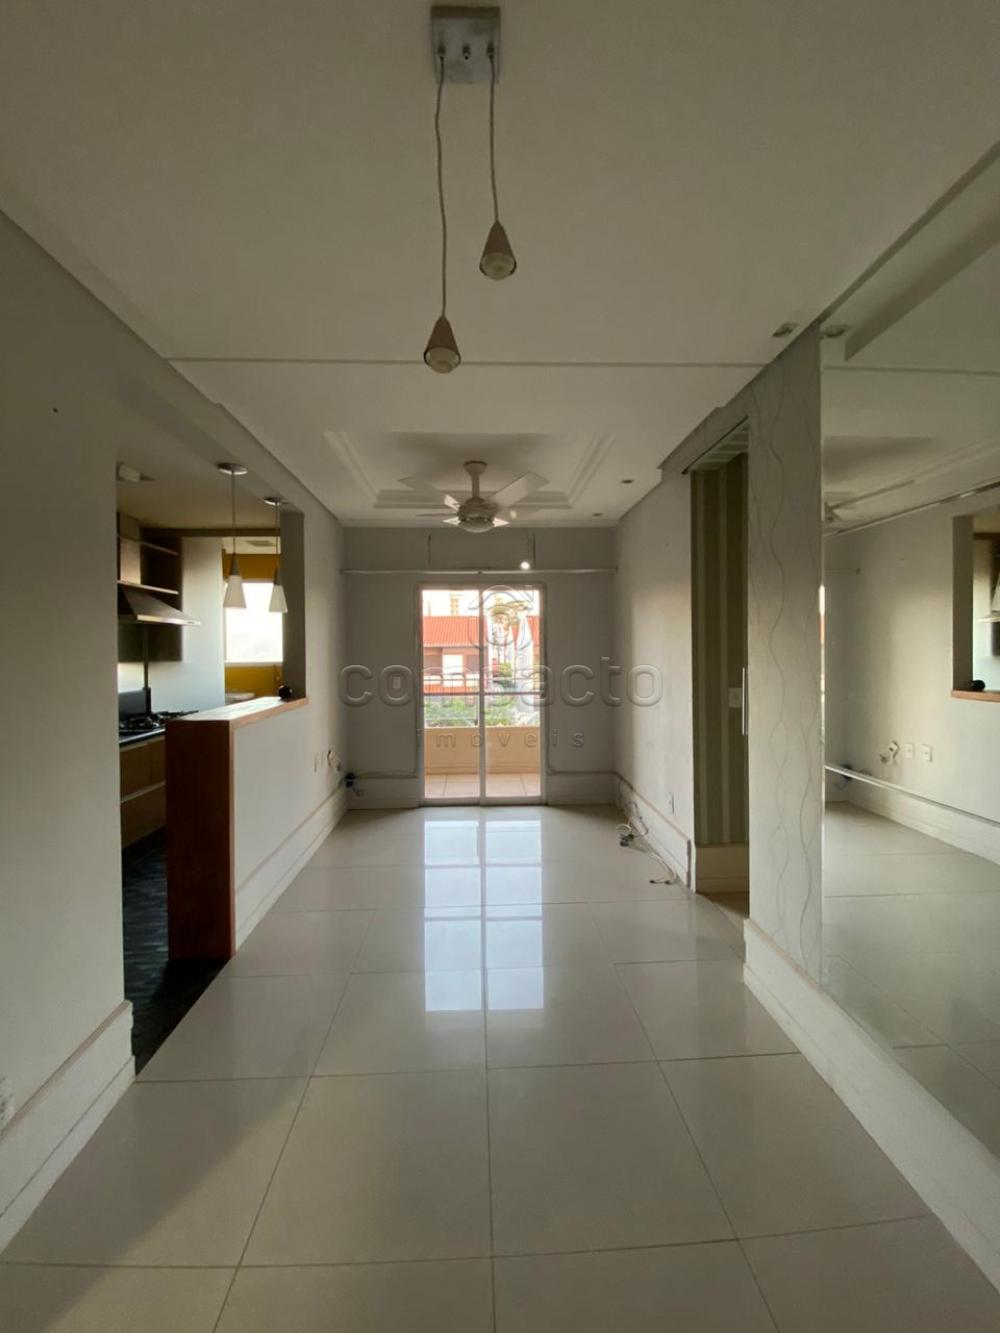 Alugar Apartamento / Padrão em São José do Rio Preto apenas R$ 1.250,00 - Foto 2